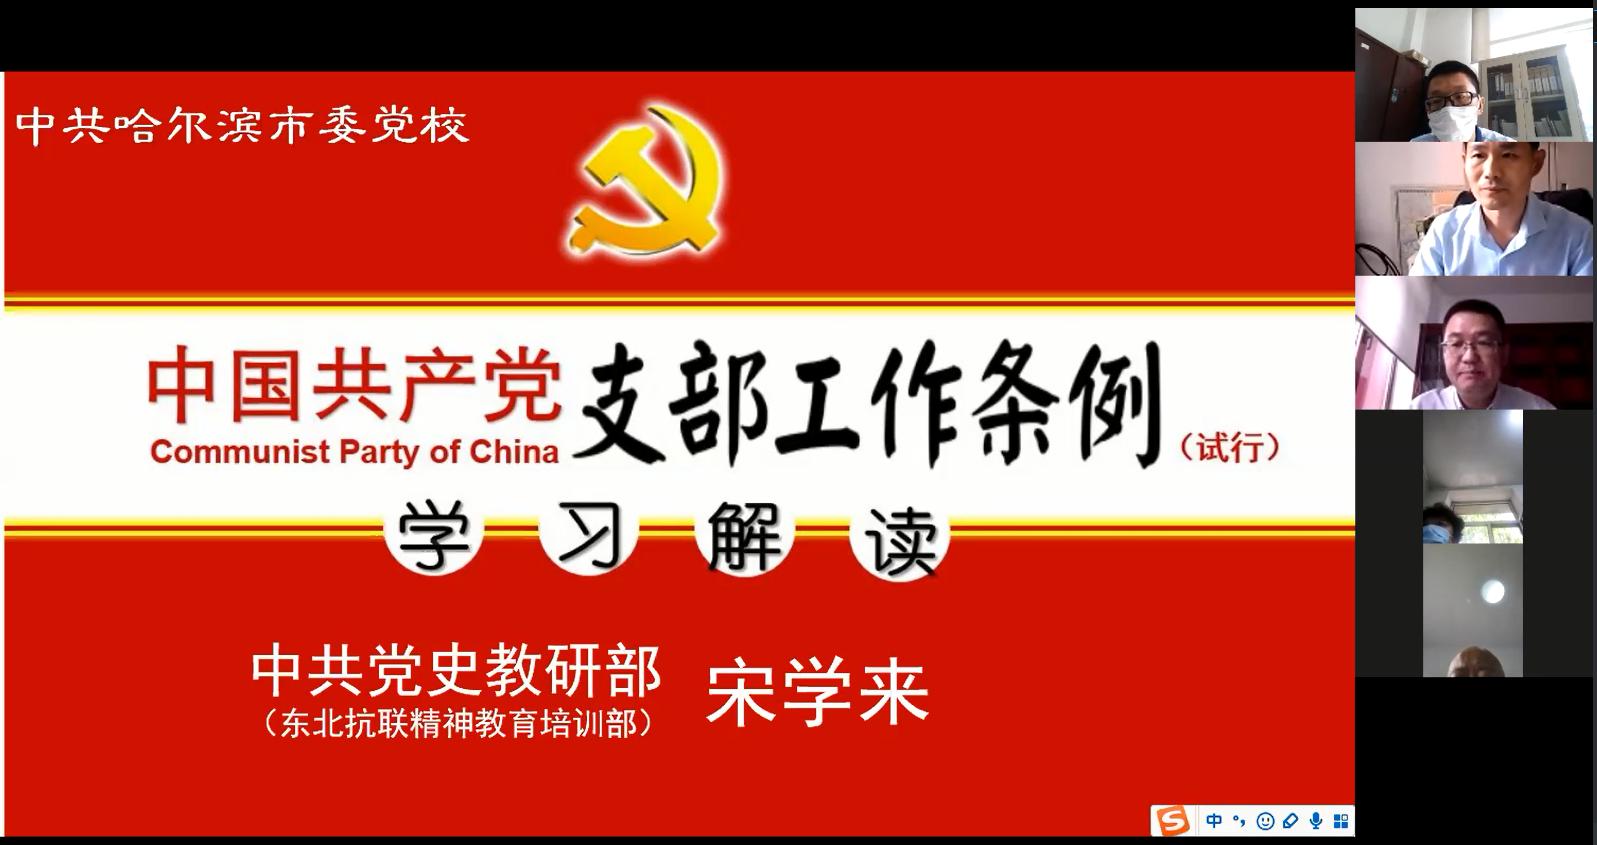 集團黨委舉行學習貫徹《中國共產黨支部工作條例(試行)》專題培訓